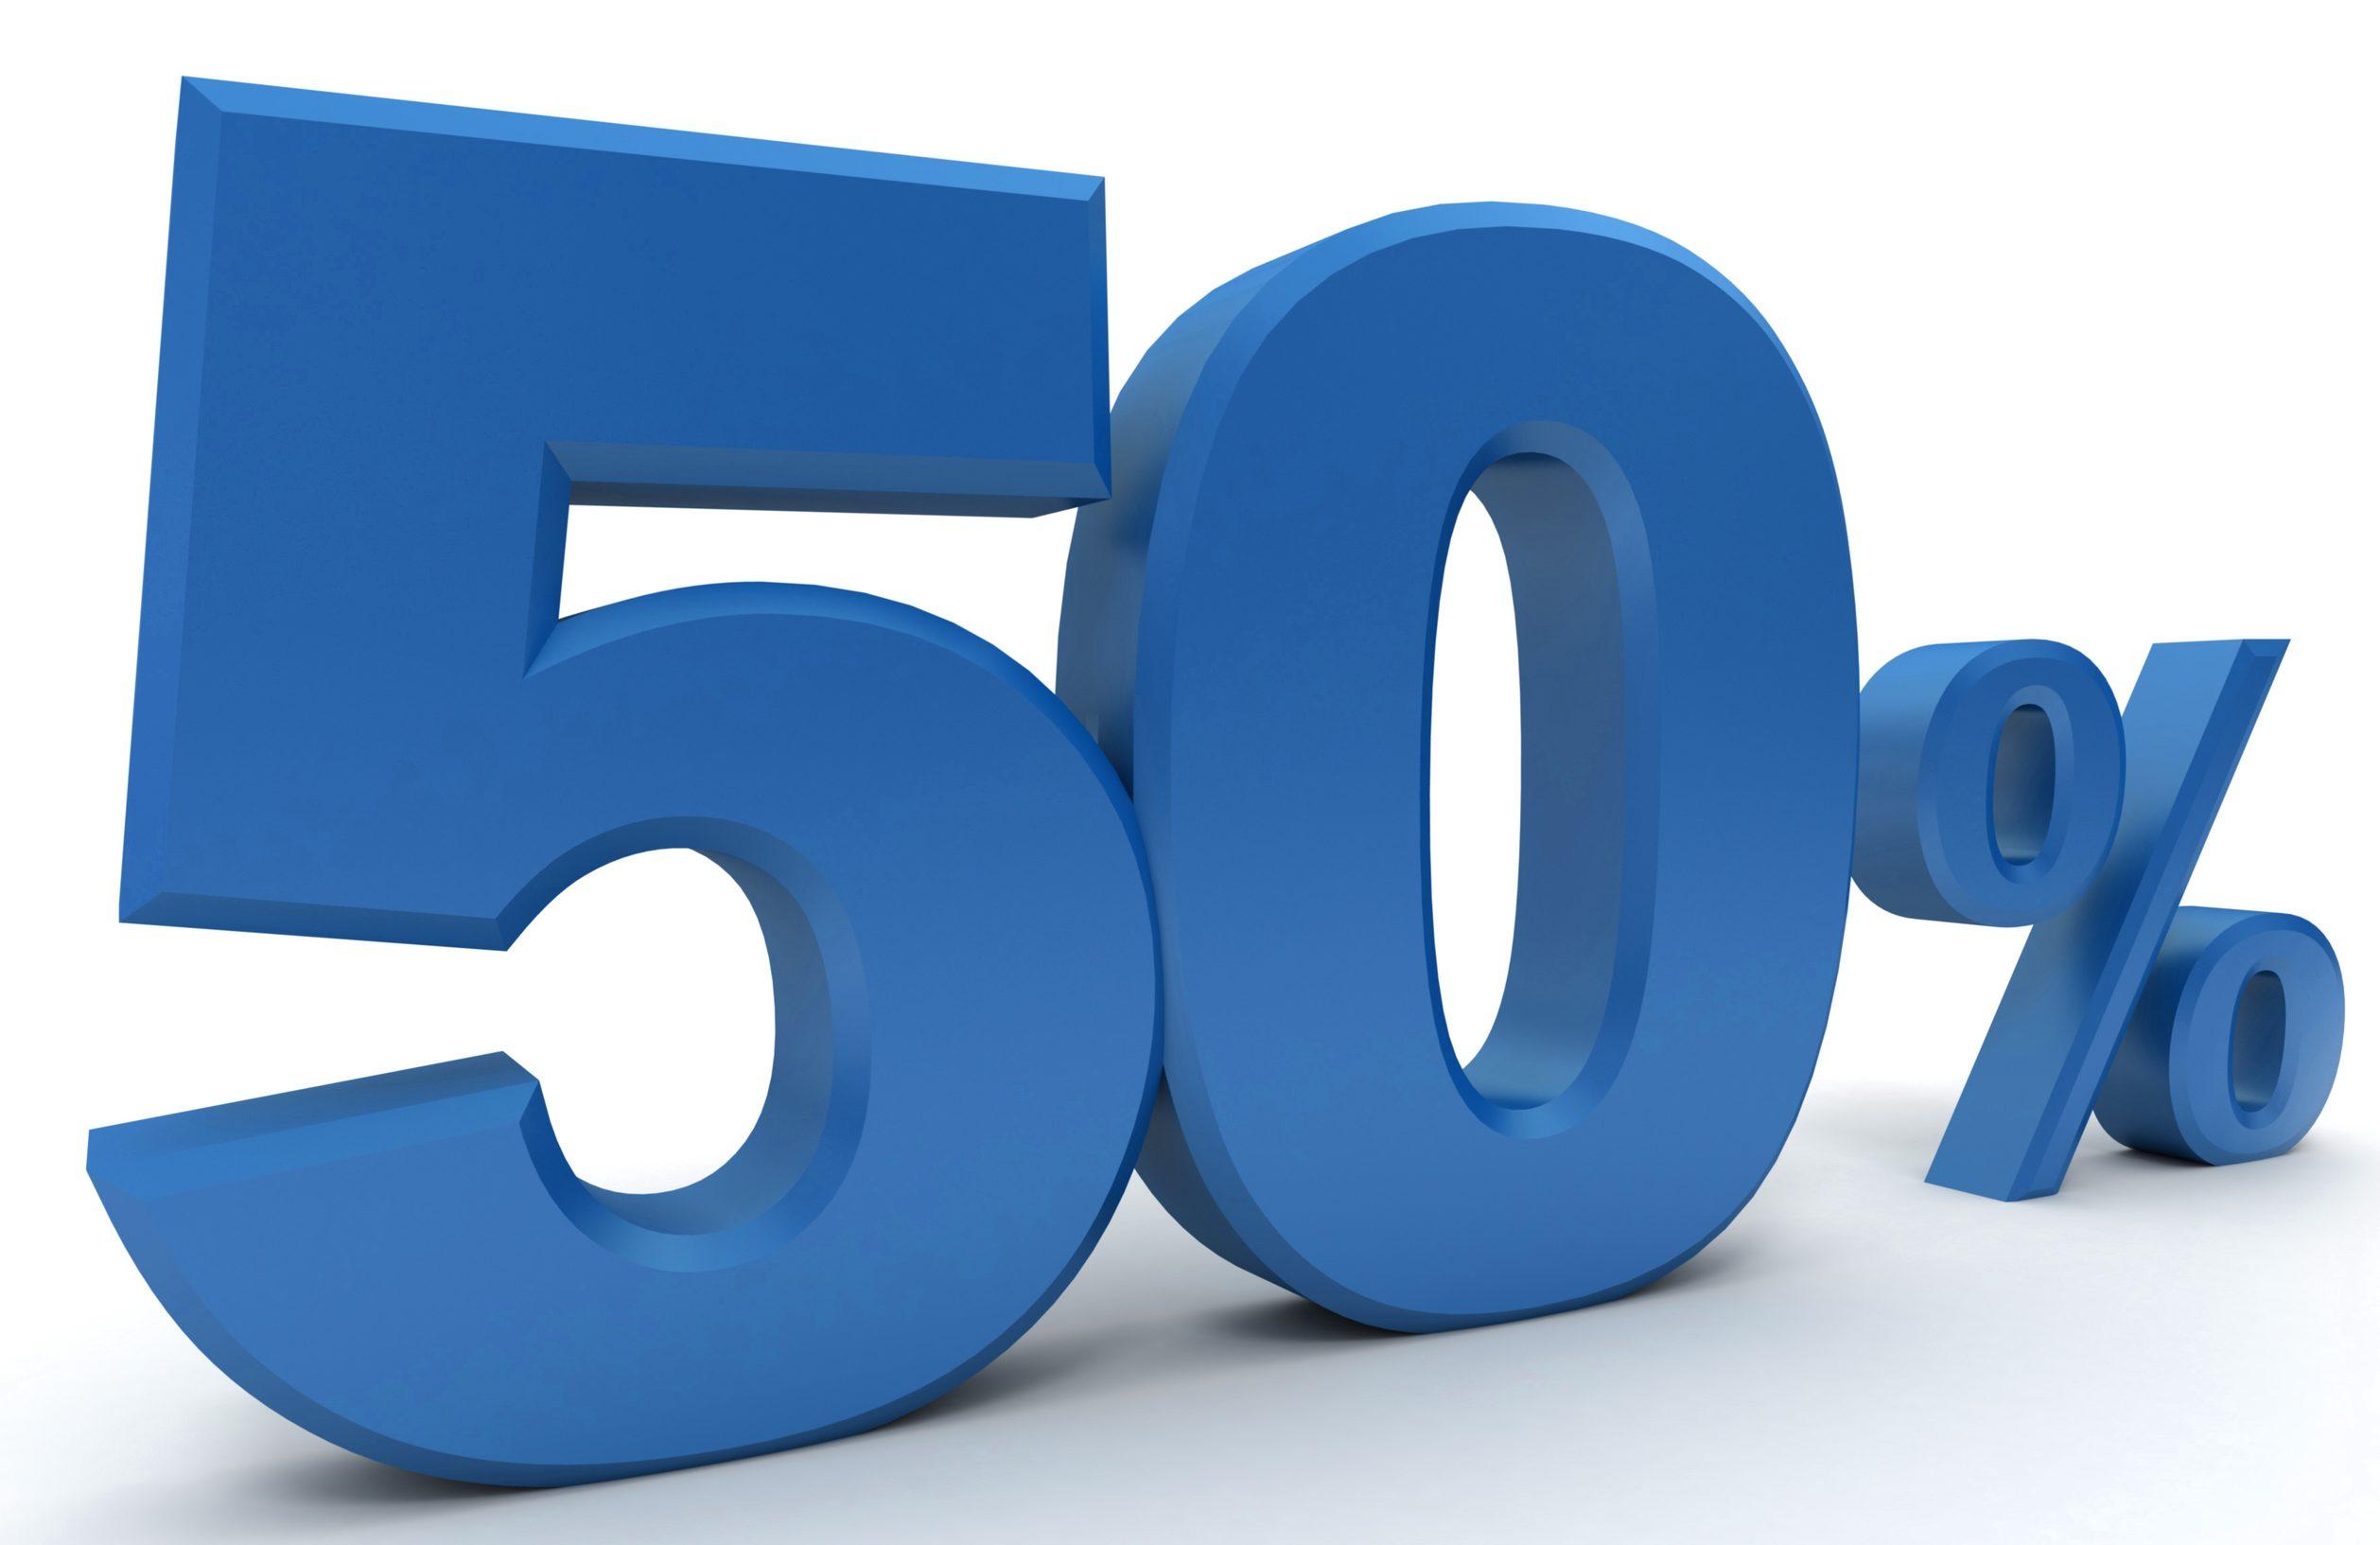 50% in blue